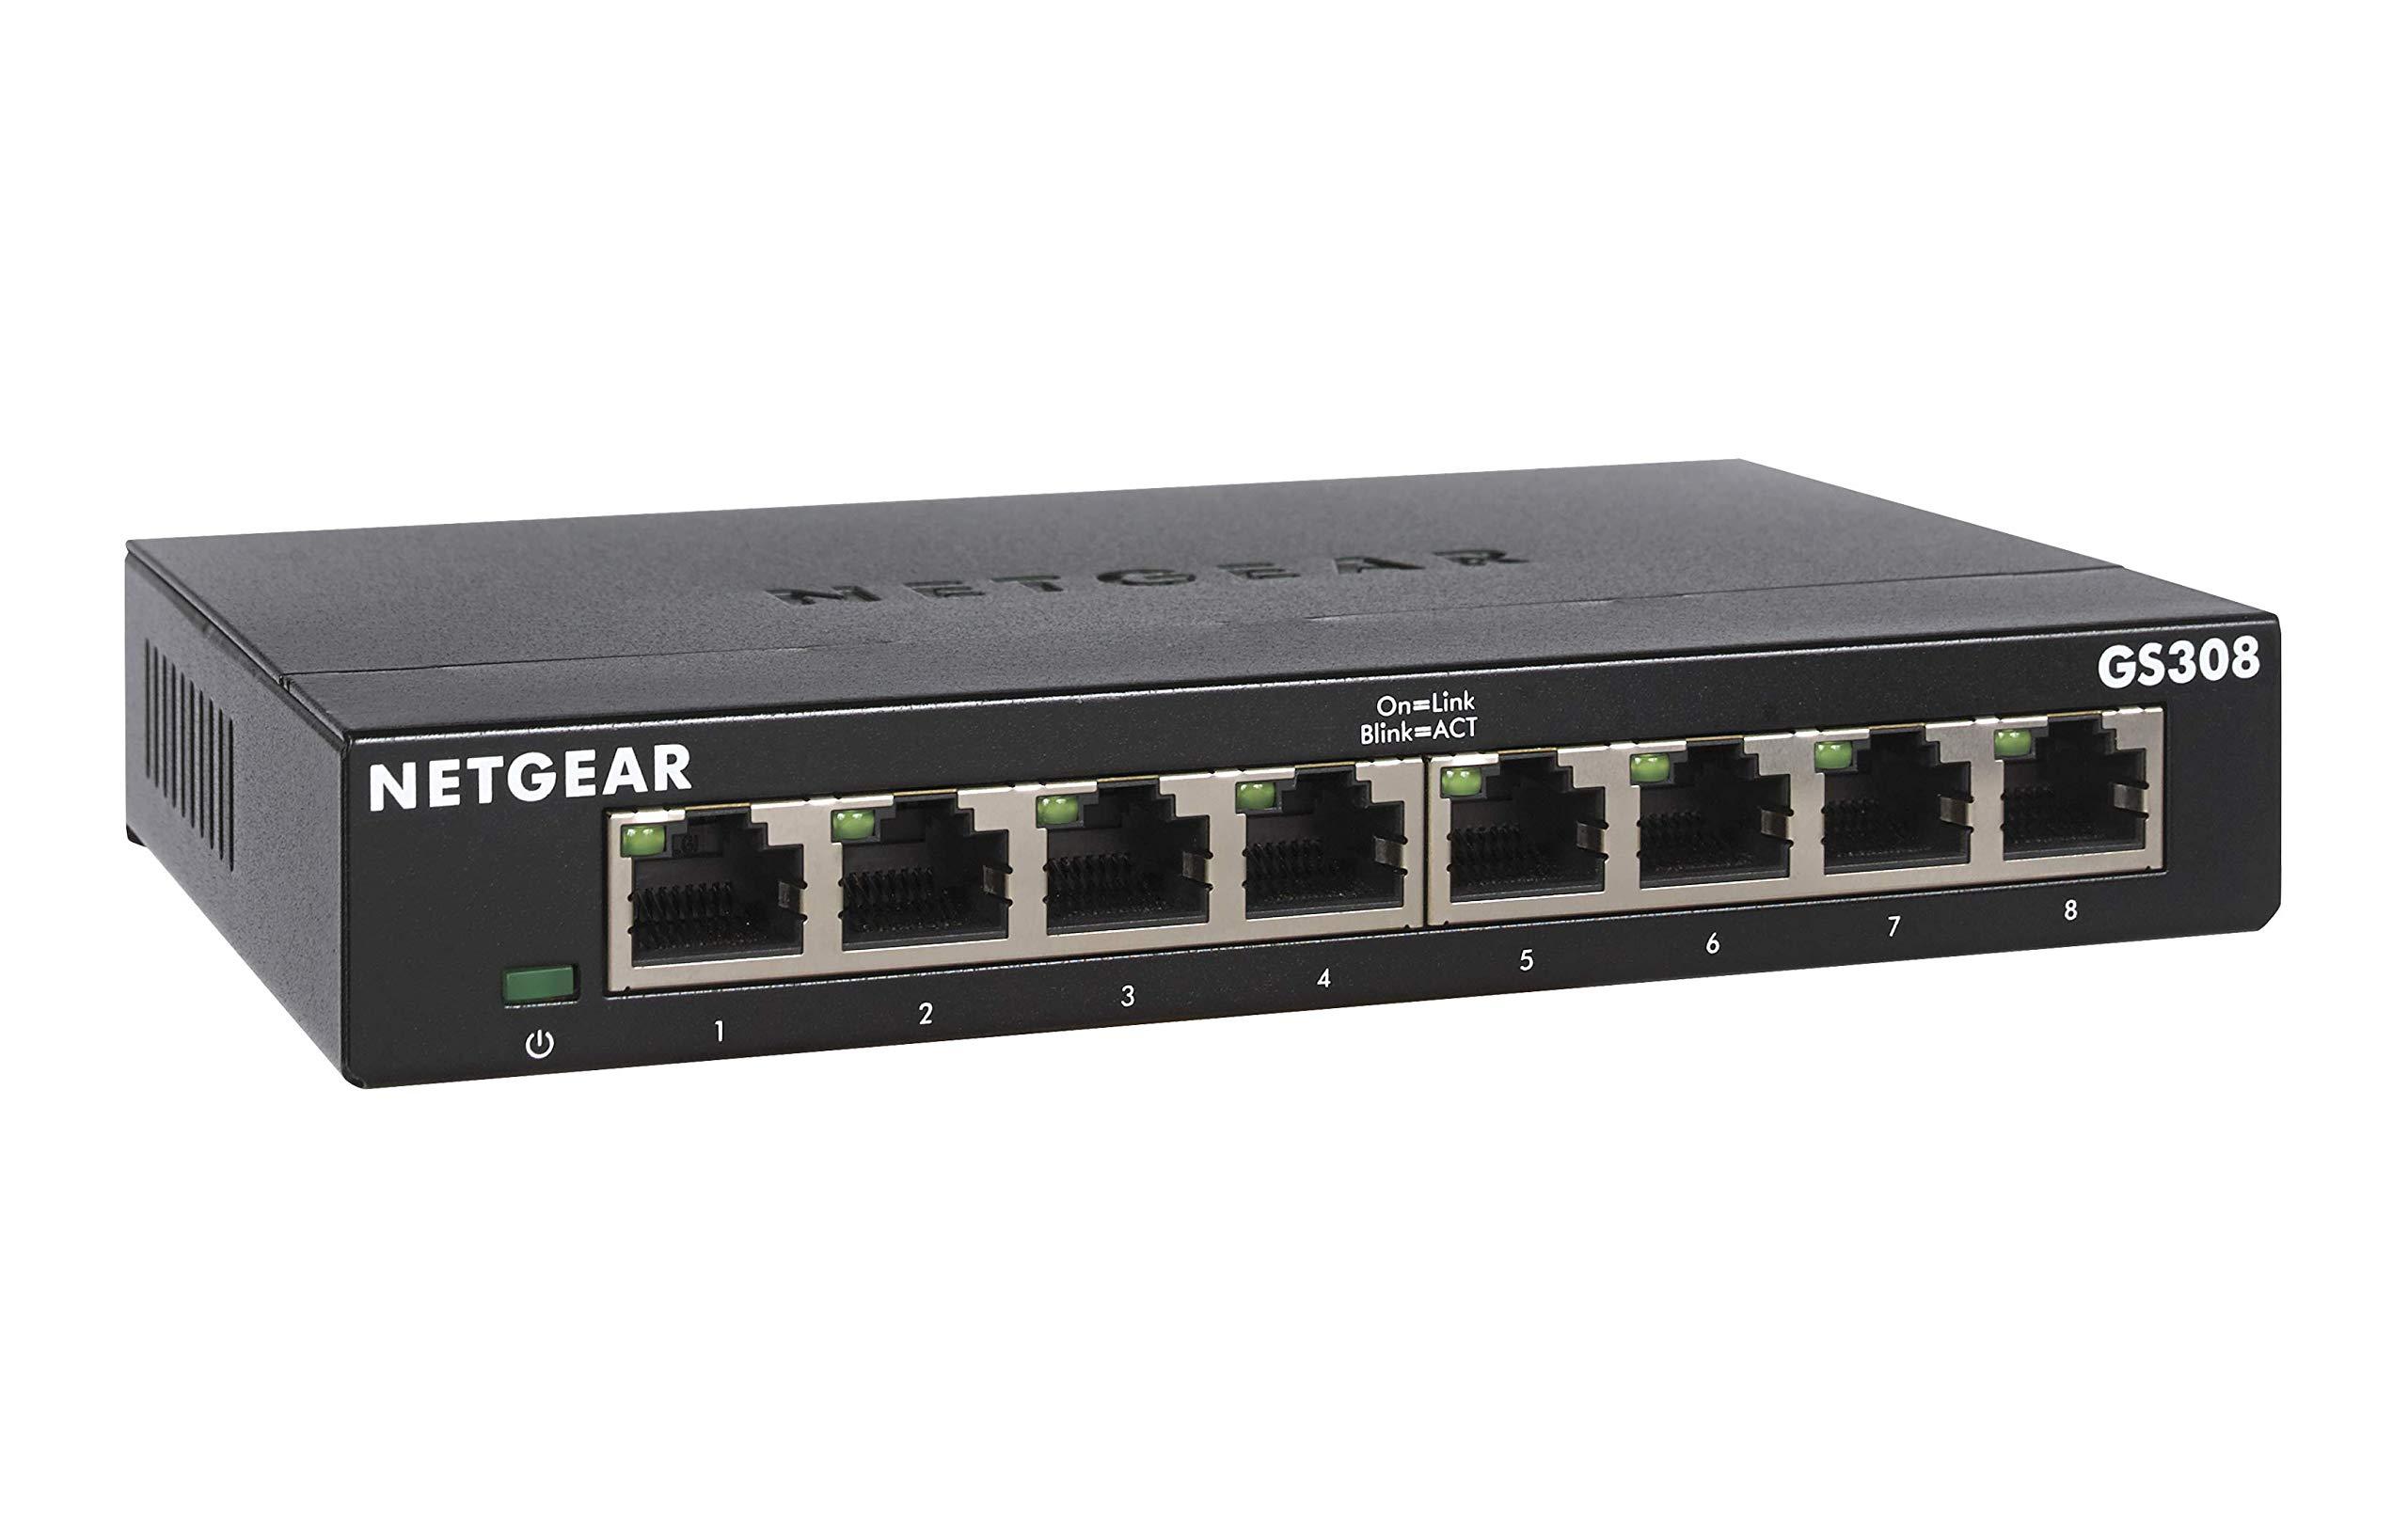 NETGEAR 8-Port Gigabit Ethernet Unmanaged Switch (GS308) - Desktop, Sturdy Metal Fanless Housing by NETGEAR